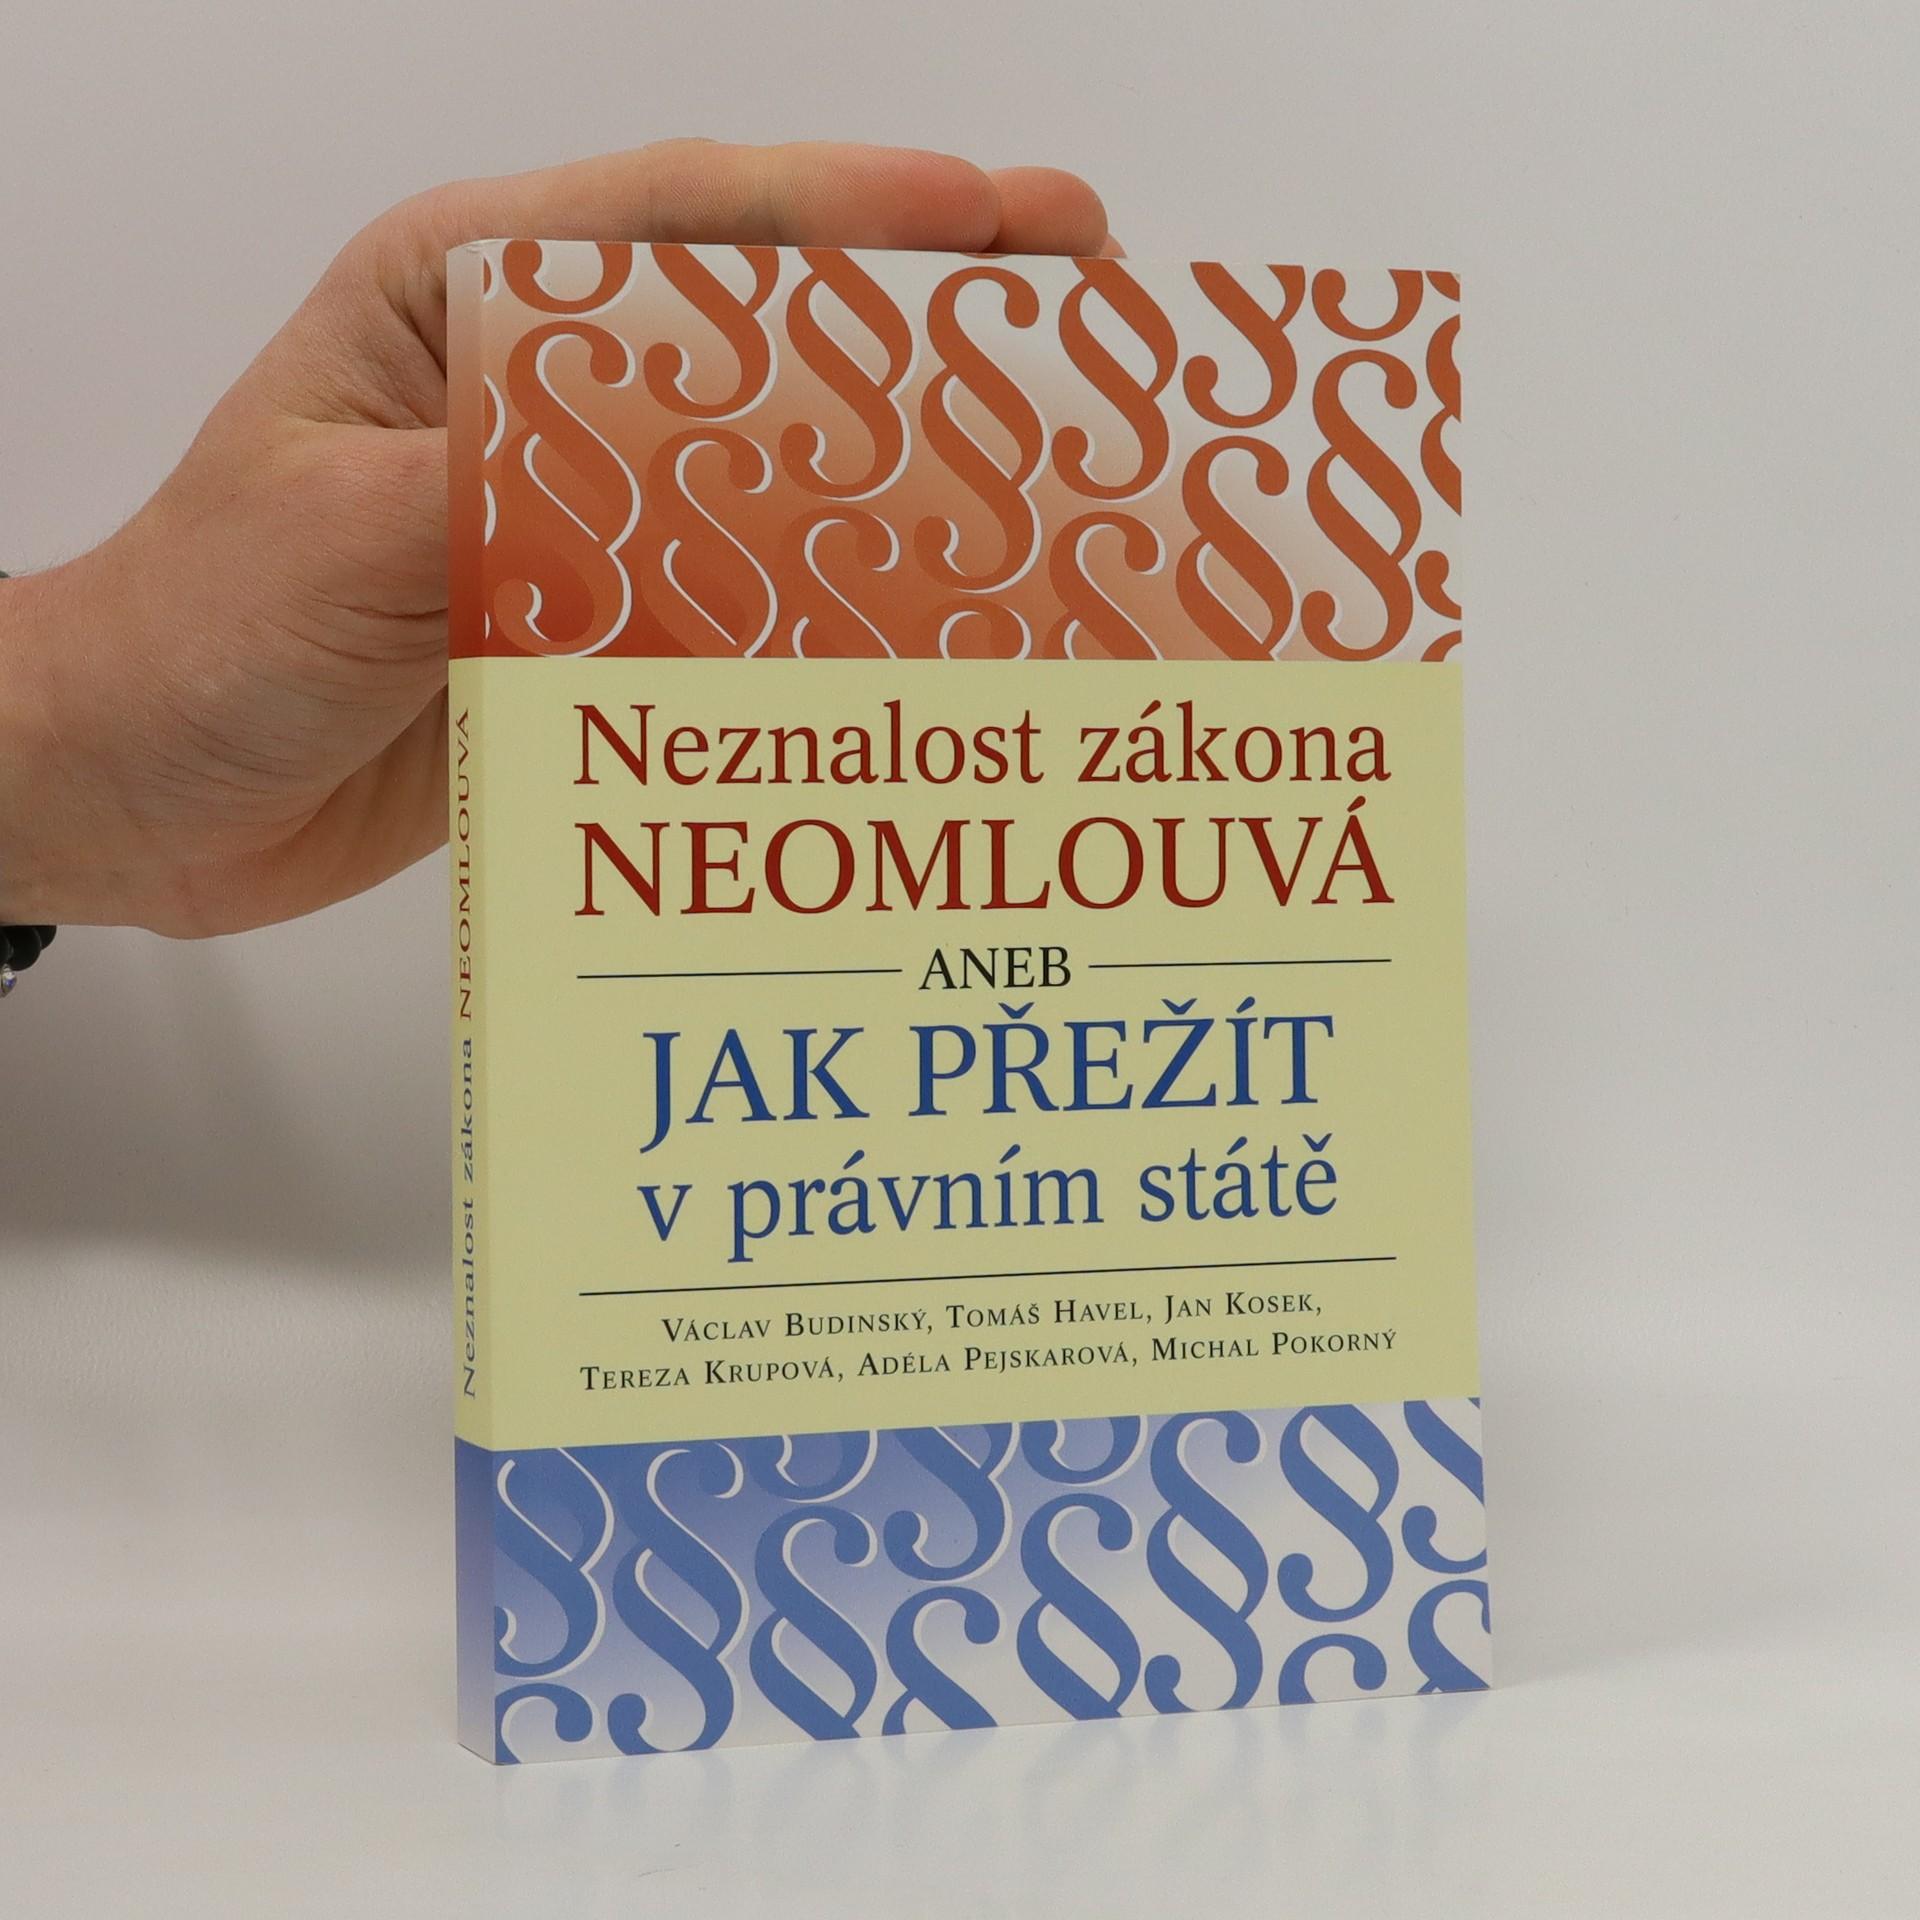 antikvární kniha Neznalost zákona neomlouvá, aneb, Jak přežít v právním státě, neuveden